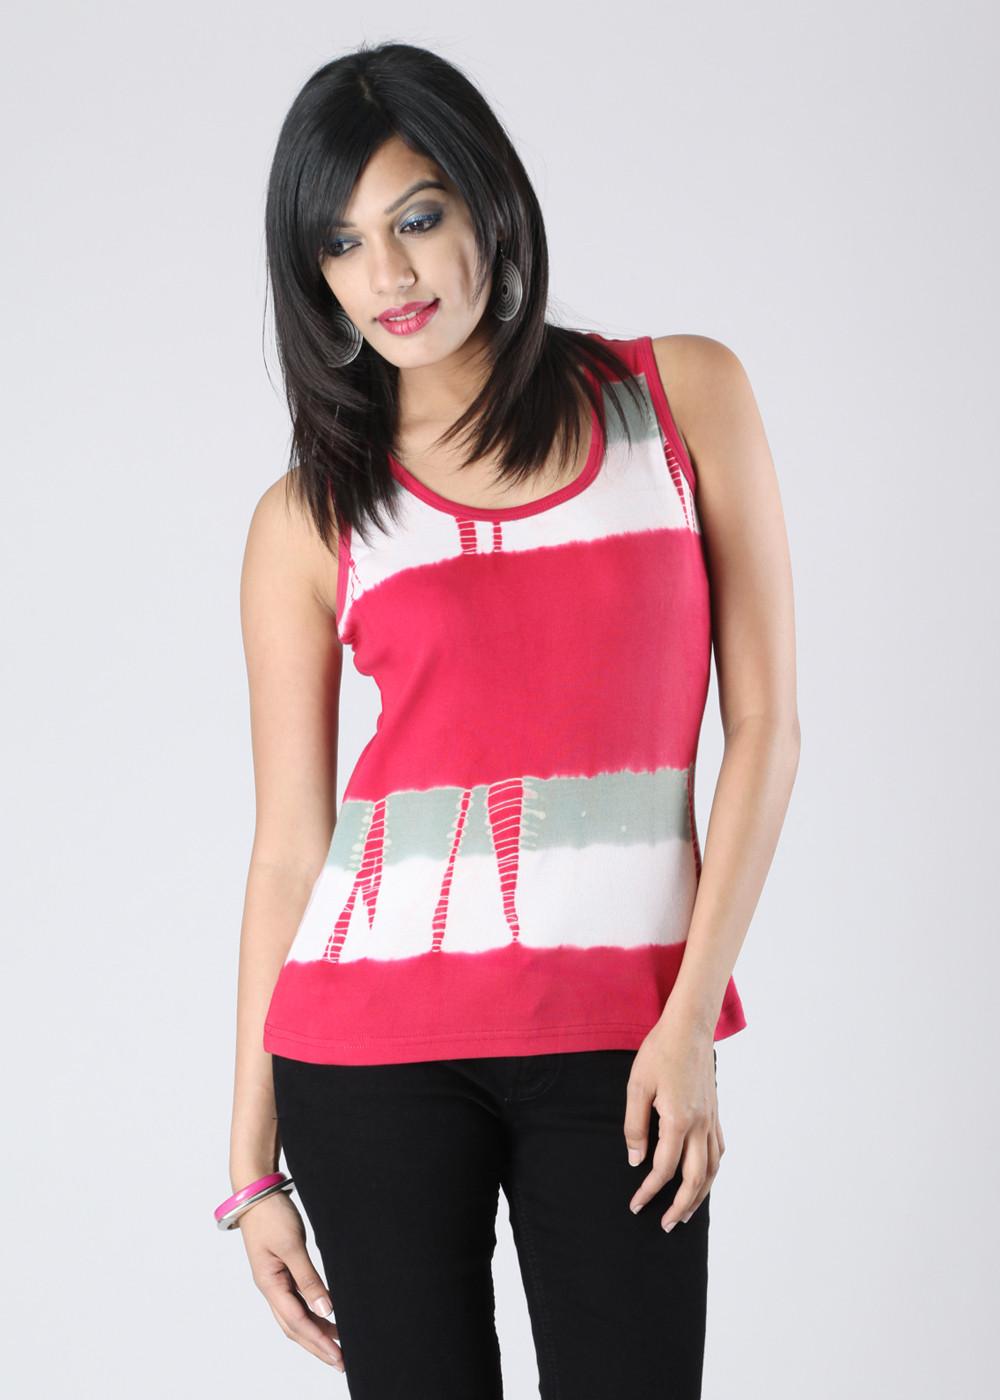 Rain & Rainbow Women's Kurta best price on Flipkart @ Rs. 595